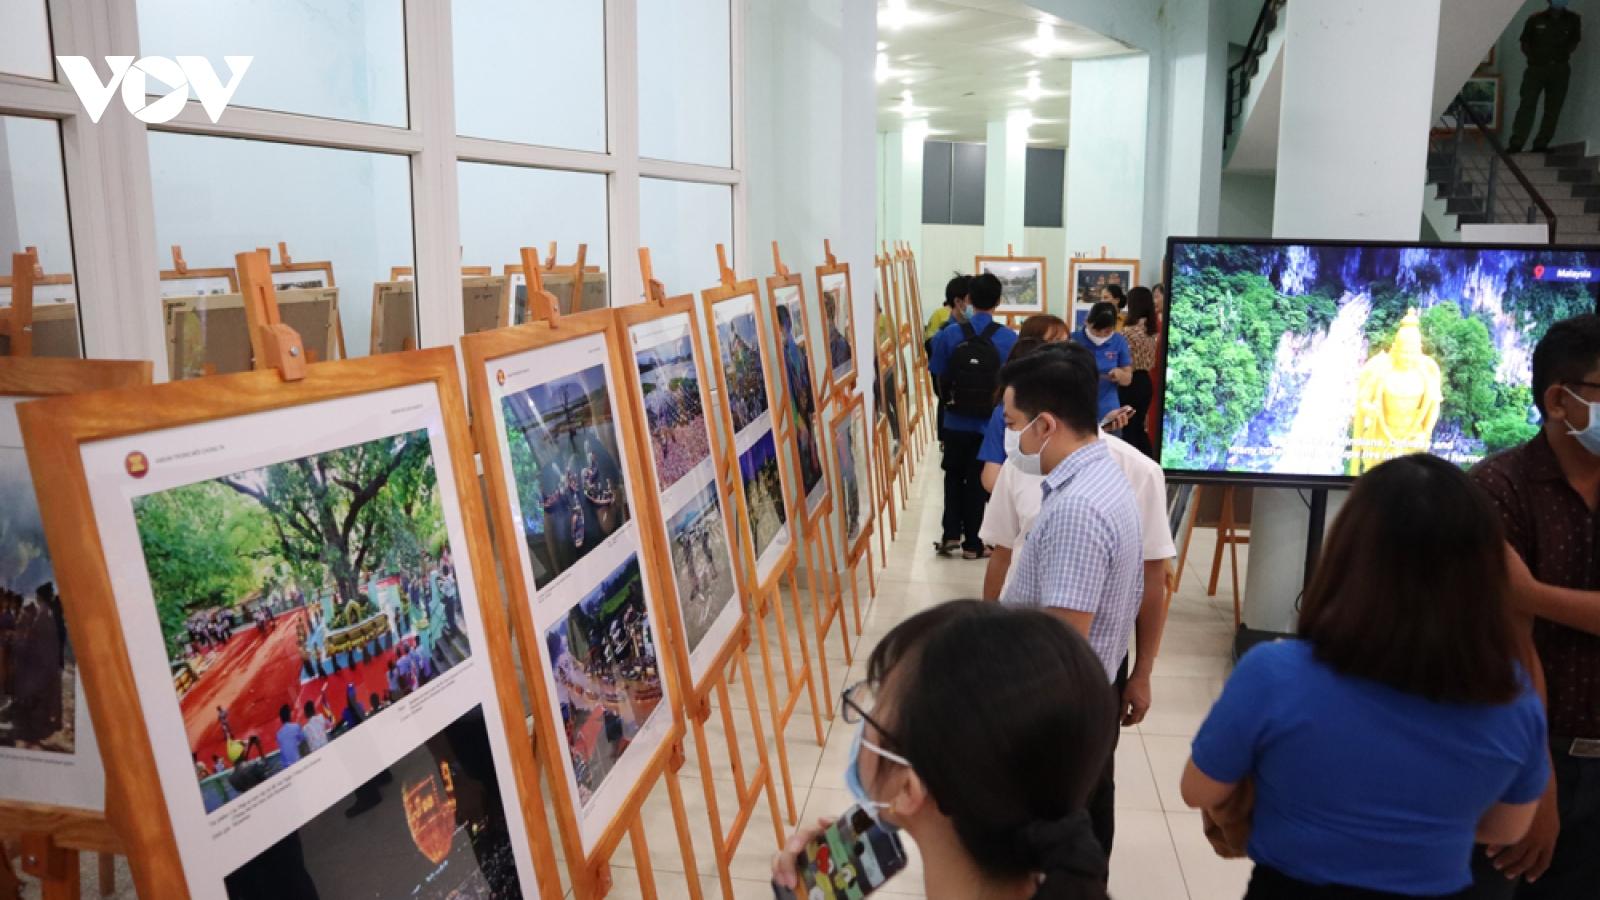 Triển lãm ảnh và phim phóng sự tài liệu về cộng đồng ASEAN